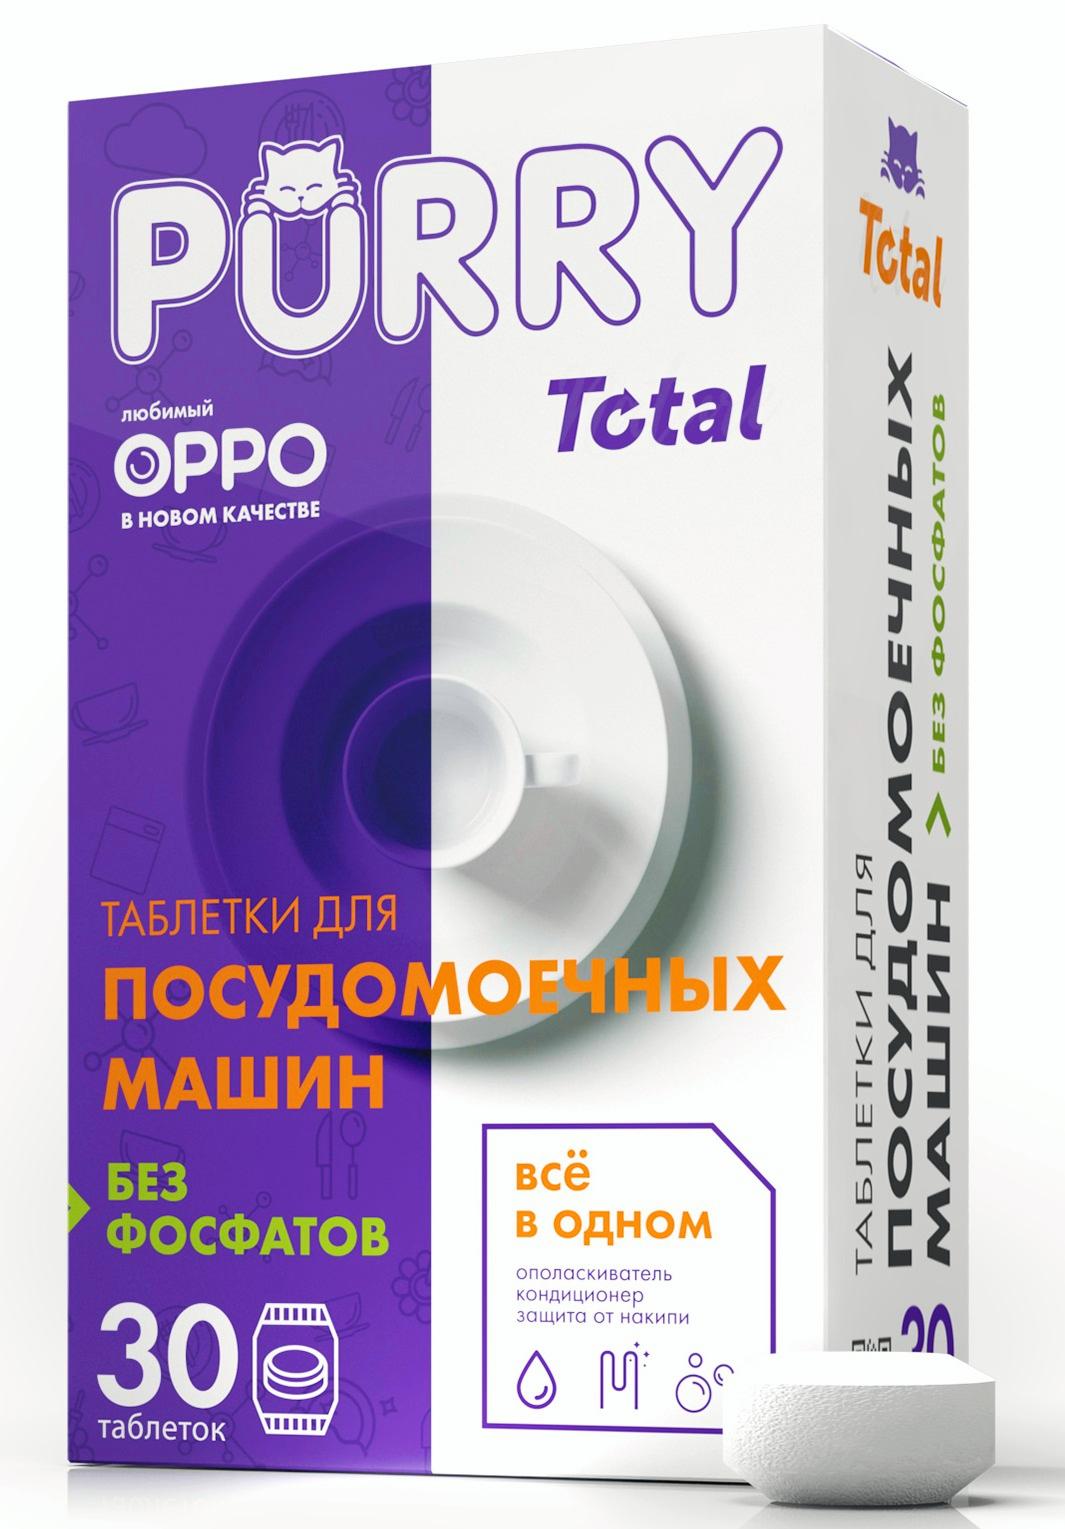 Таблетки для посудомоечной машины Purry Total, 30 шт таблетки для посудомоечной машины purry nature с натуральной горчицей 84 шт